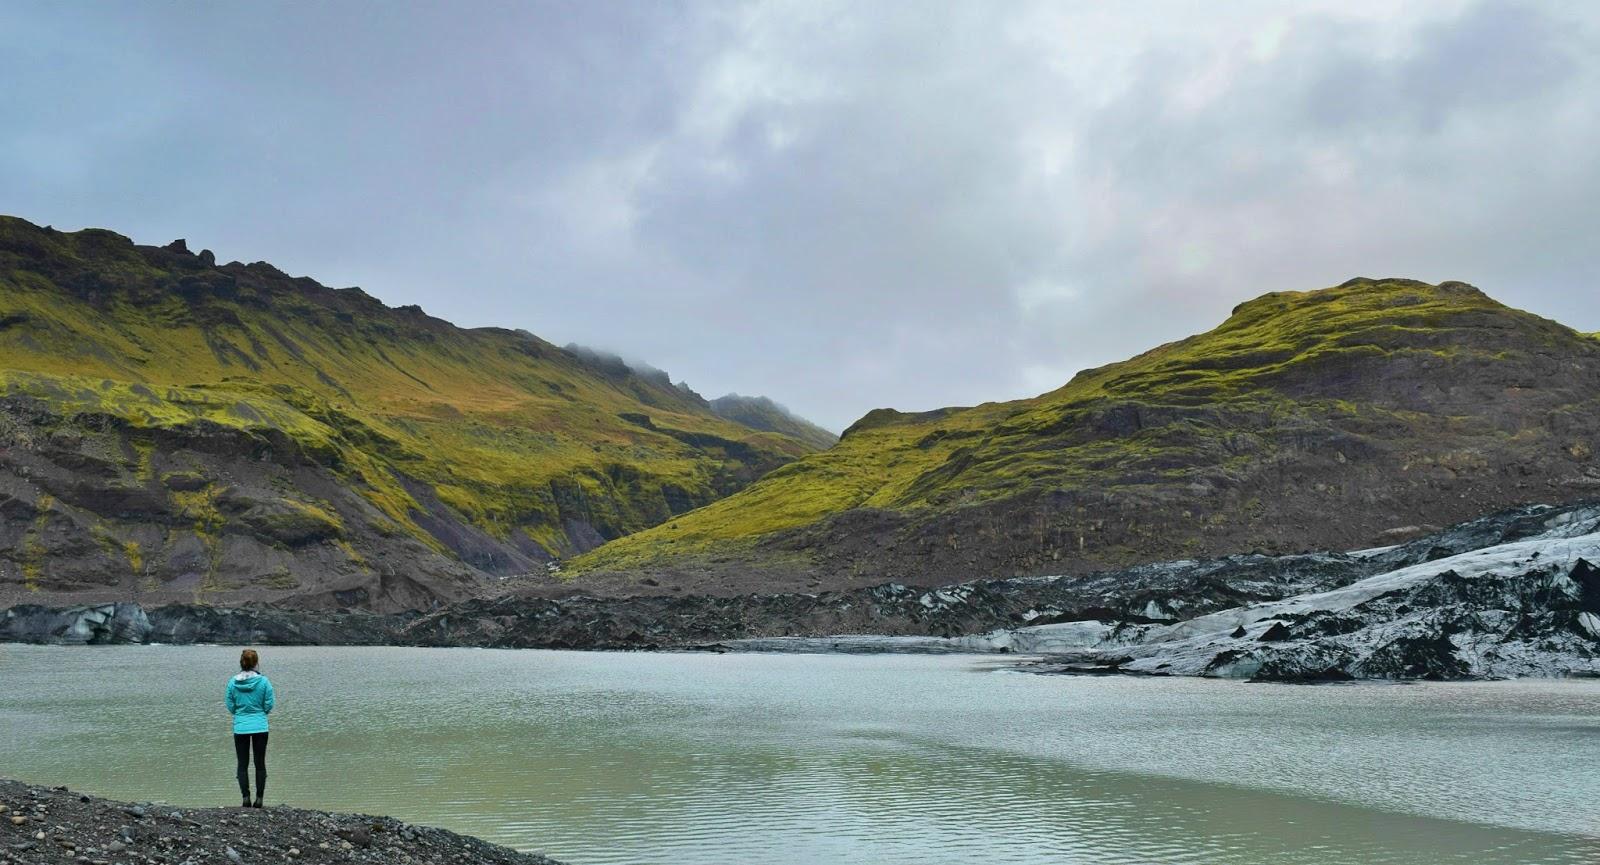 Sólheimajökull Glacier (to the right)